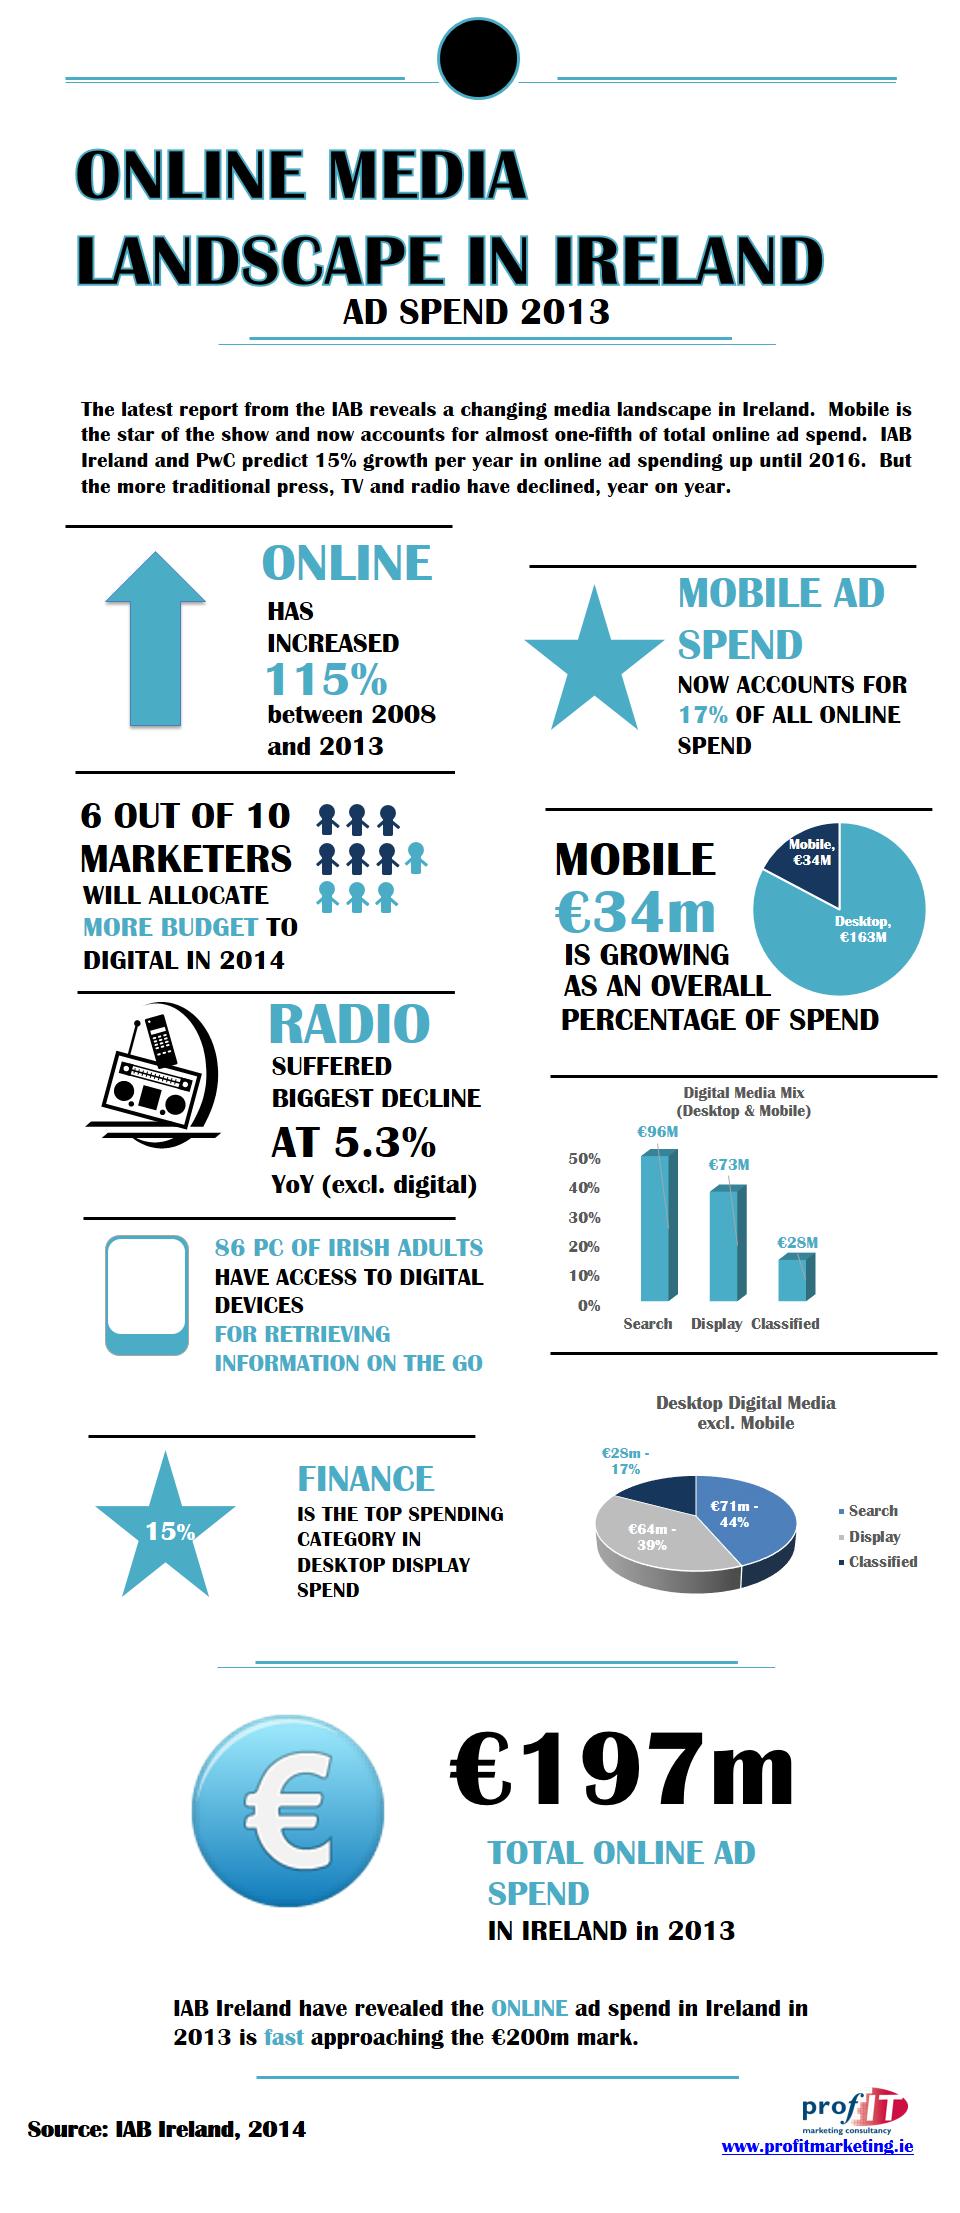 Online advertising spend in Ireland, 2013